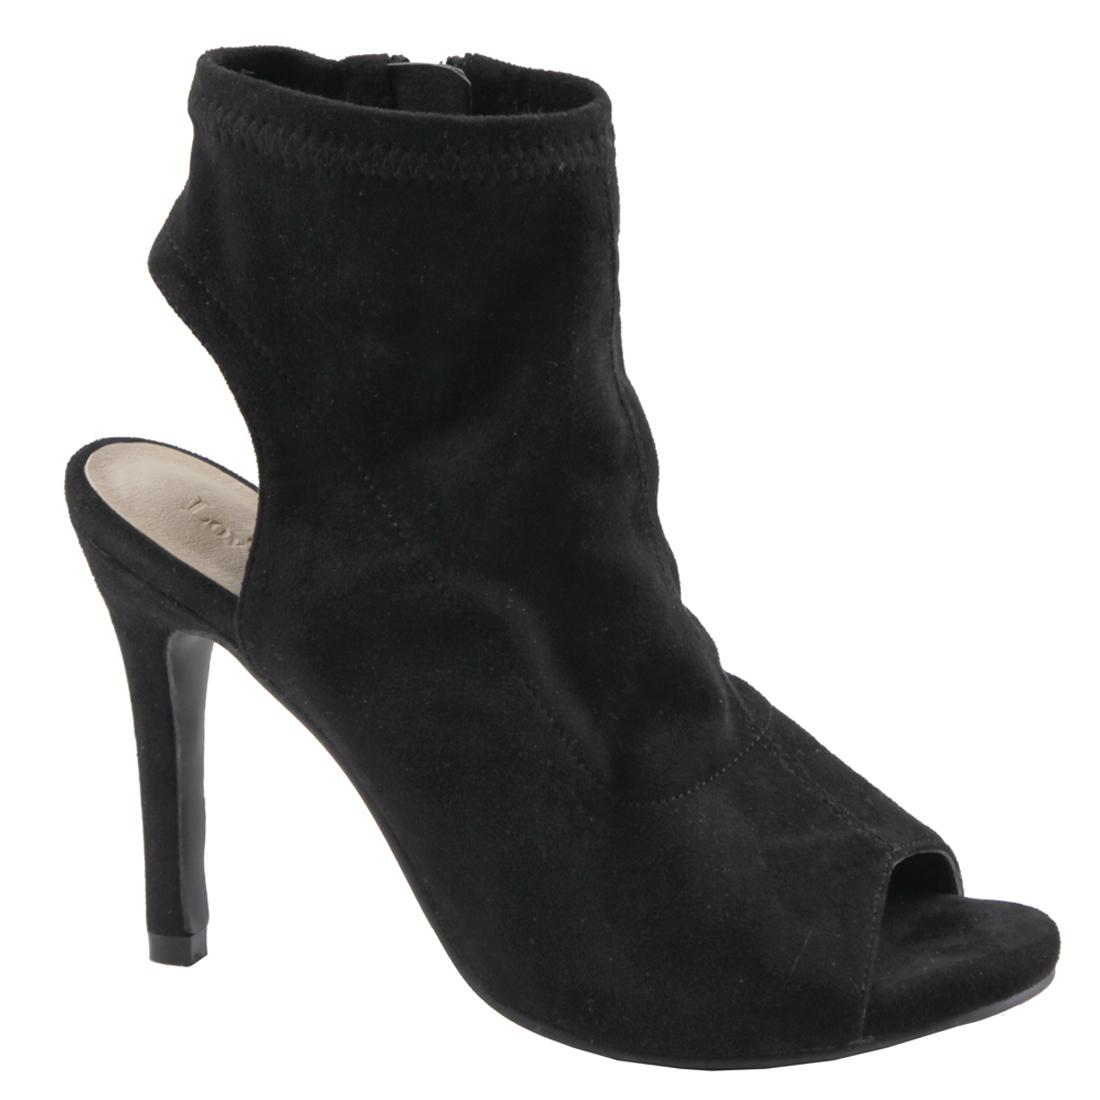 374a90f30144 LOVMARK FL47 Women s Backless Side Zip Stiletto Heel Dress Ankle ...